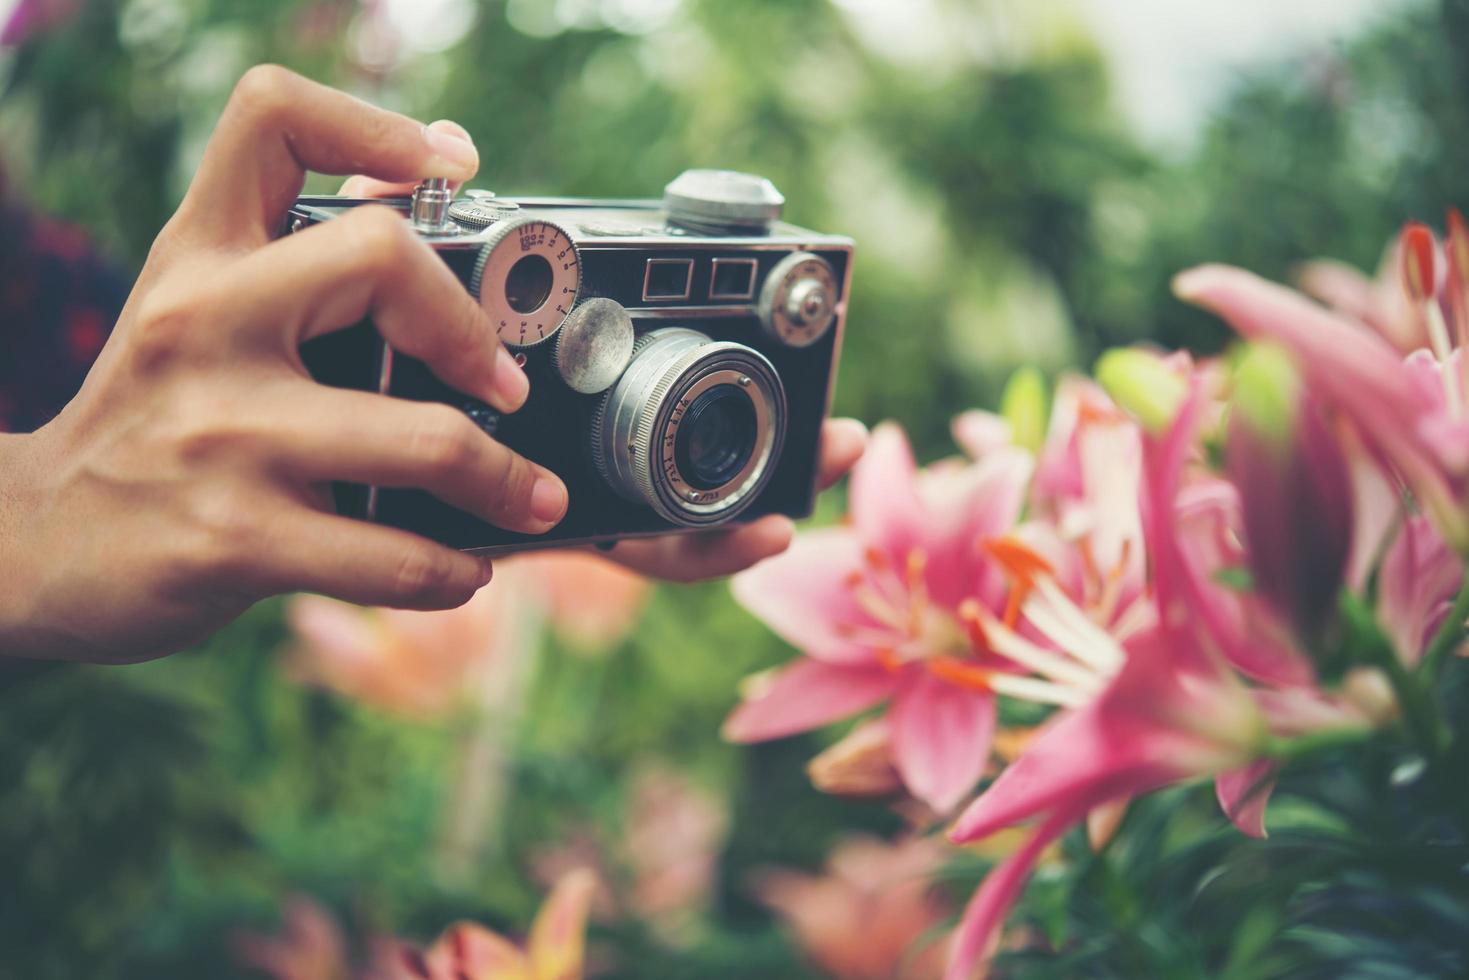 gros plan, de, a, main femme, à, a, appareil photo vintage, tir, fleurs, dans, a, jardin